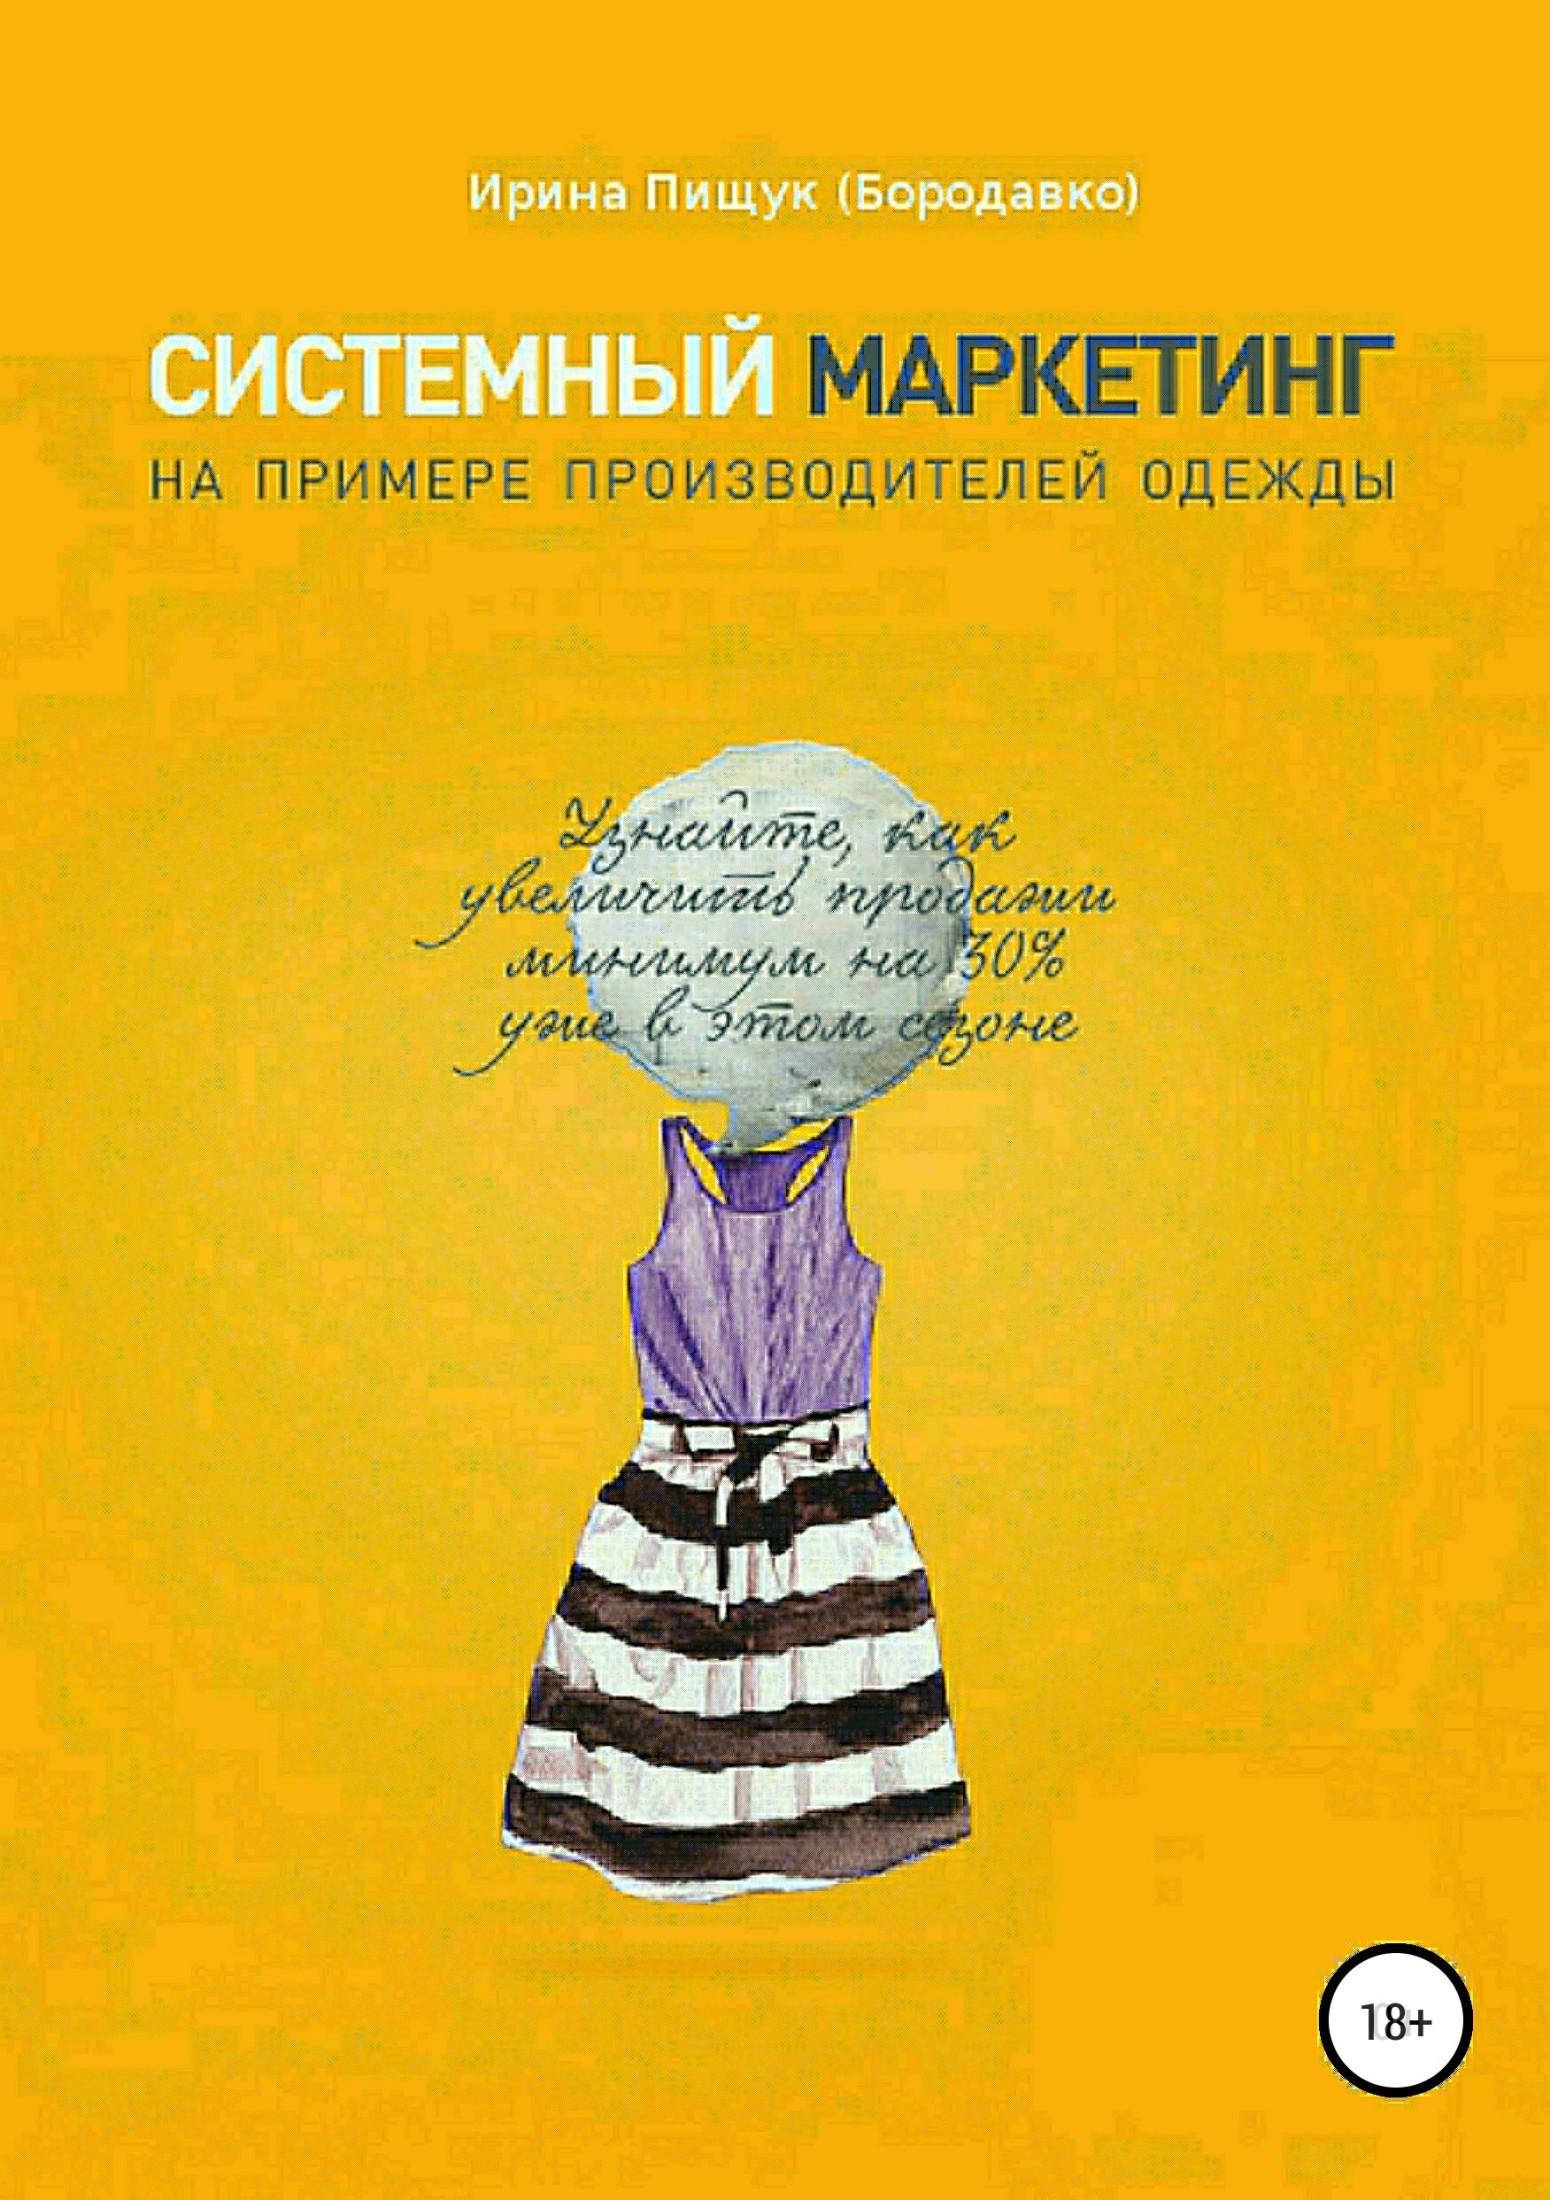 фото обложки издания Системный маркетинг на примере производителей одежды